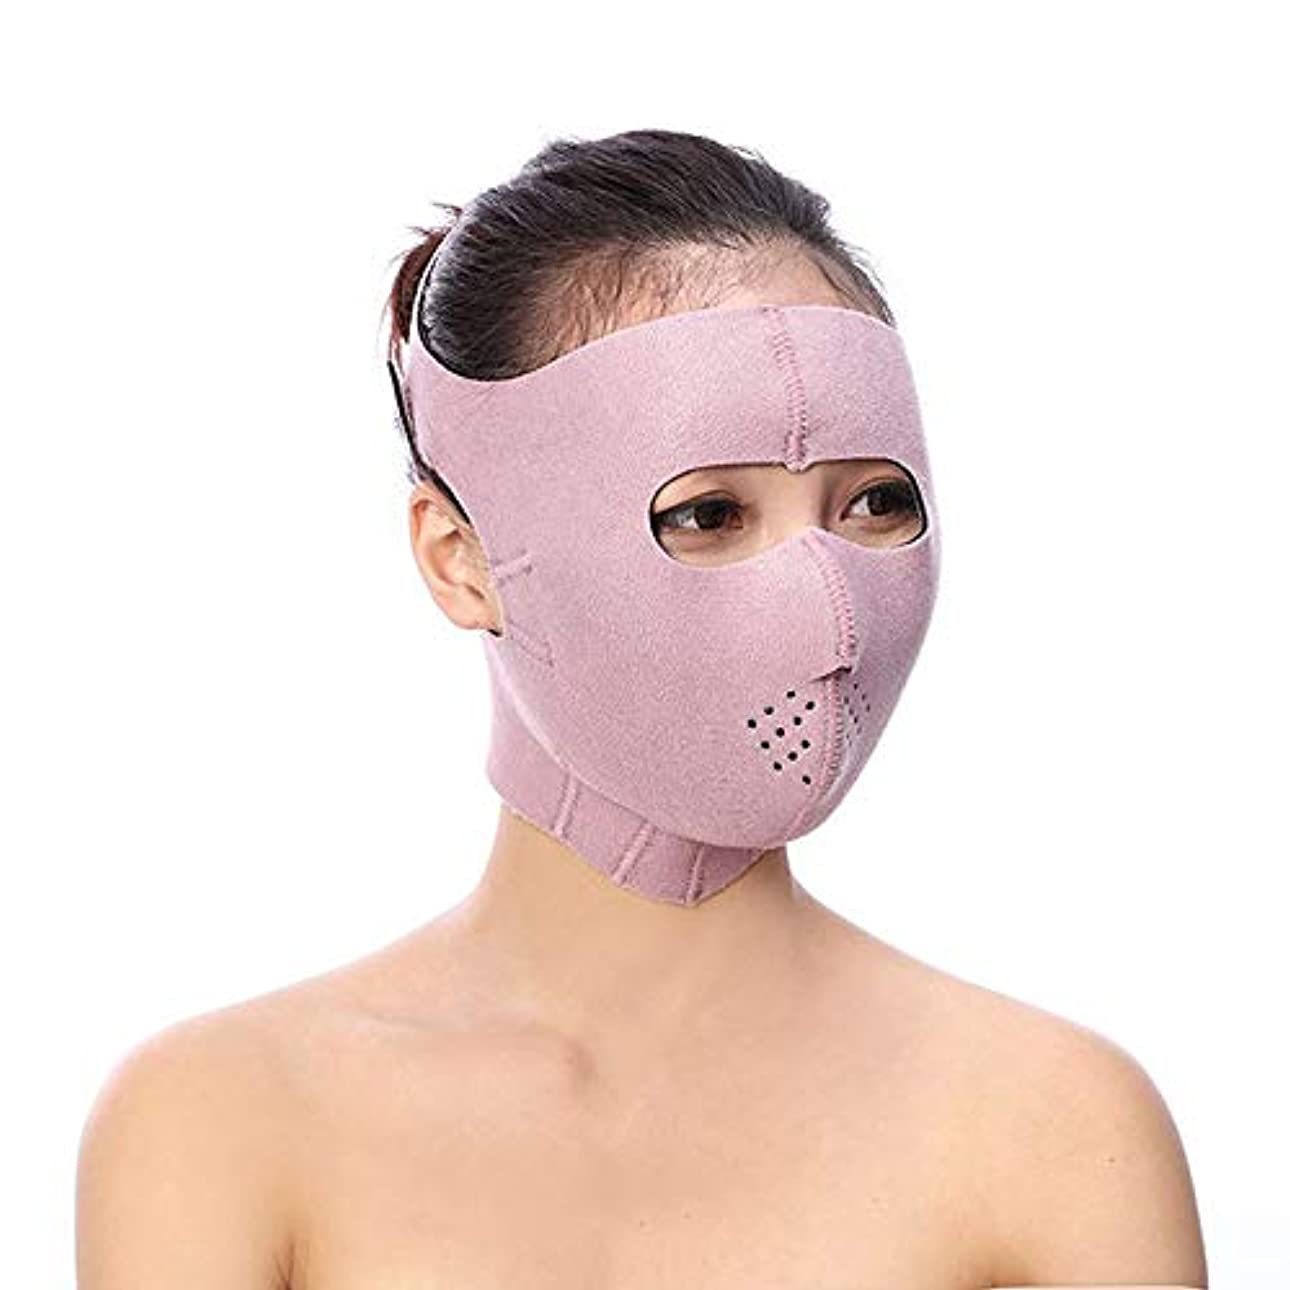 石炭かご建物BS フェイシャルリフティング痩身ベルト - Vフェイス包帯マスクフェイシャルマッサージャー無料の薄いフェイス包帯整形マスクを引き締める顔と首の顔スリム フェイスリフティングアーティファクト